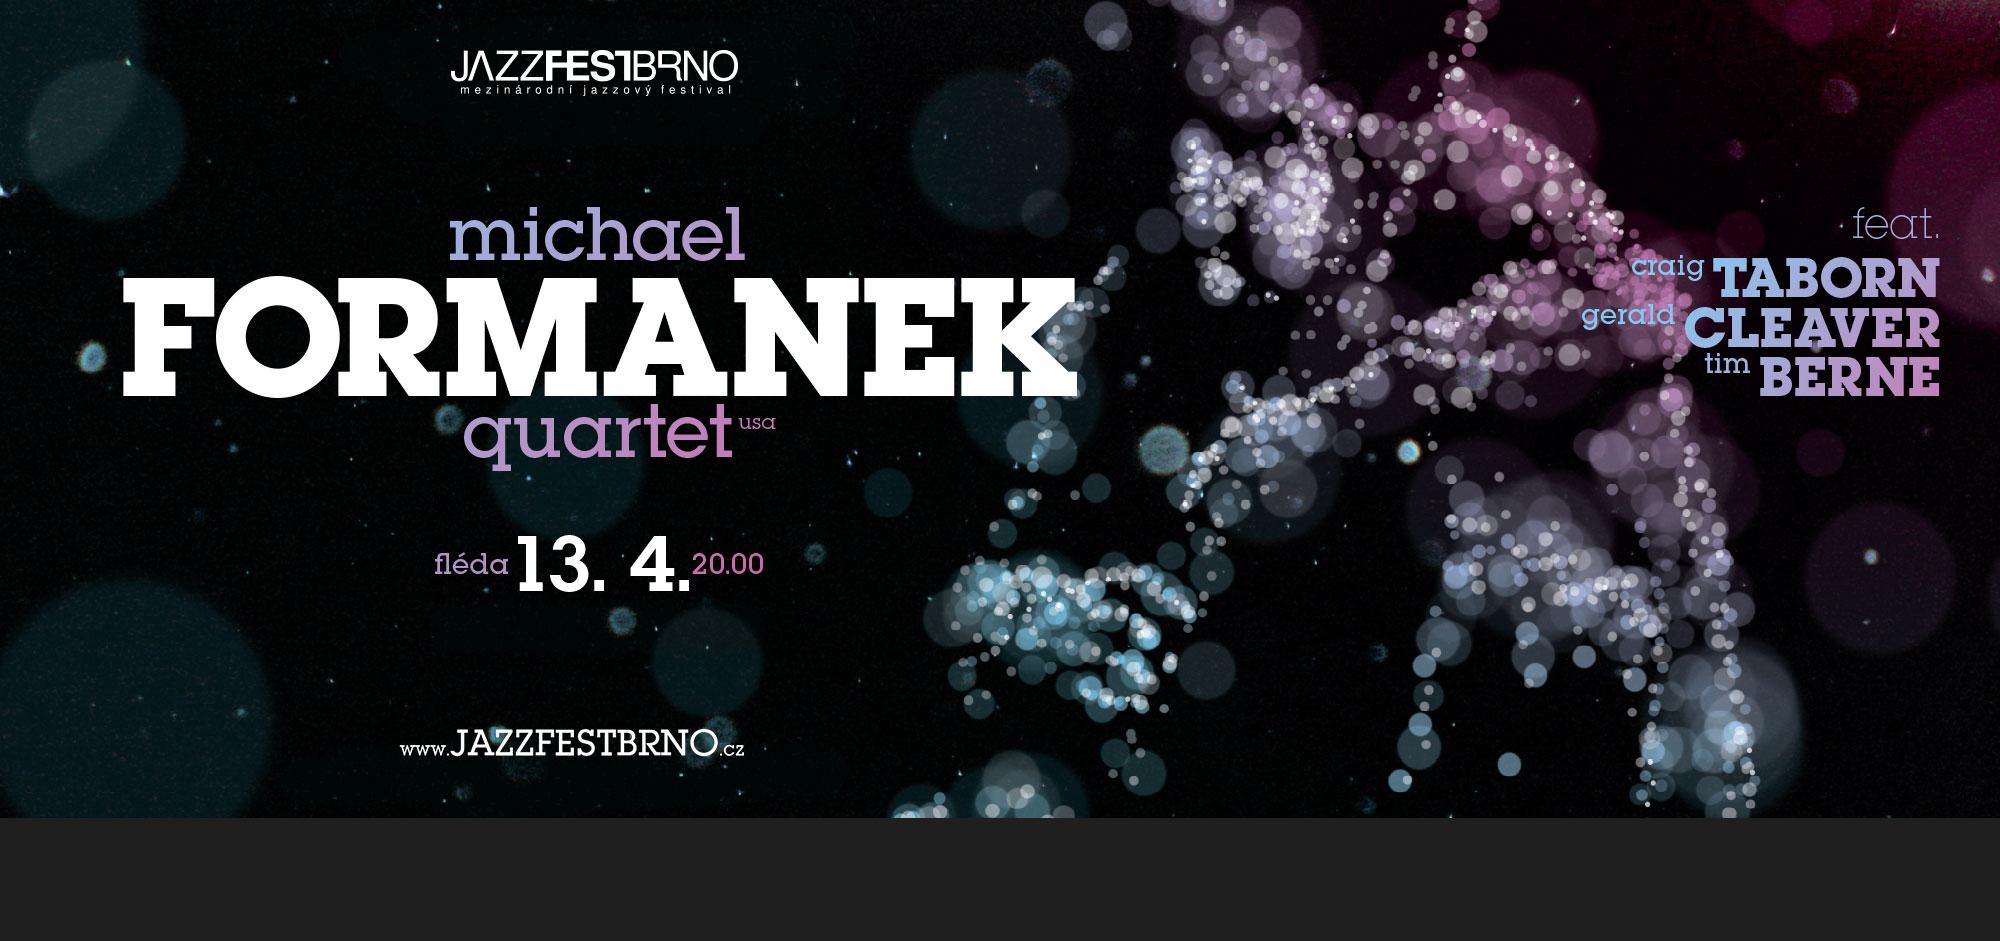 JazzFestBrno 2011 – Michael Formanek